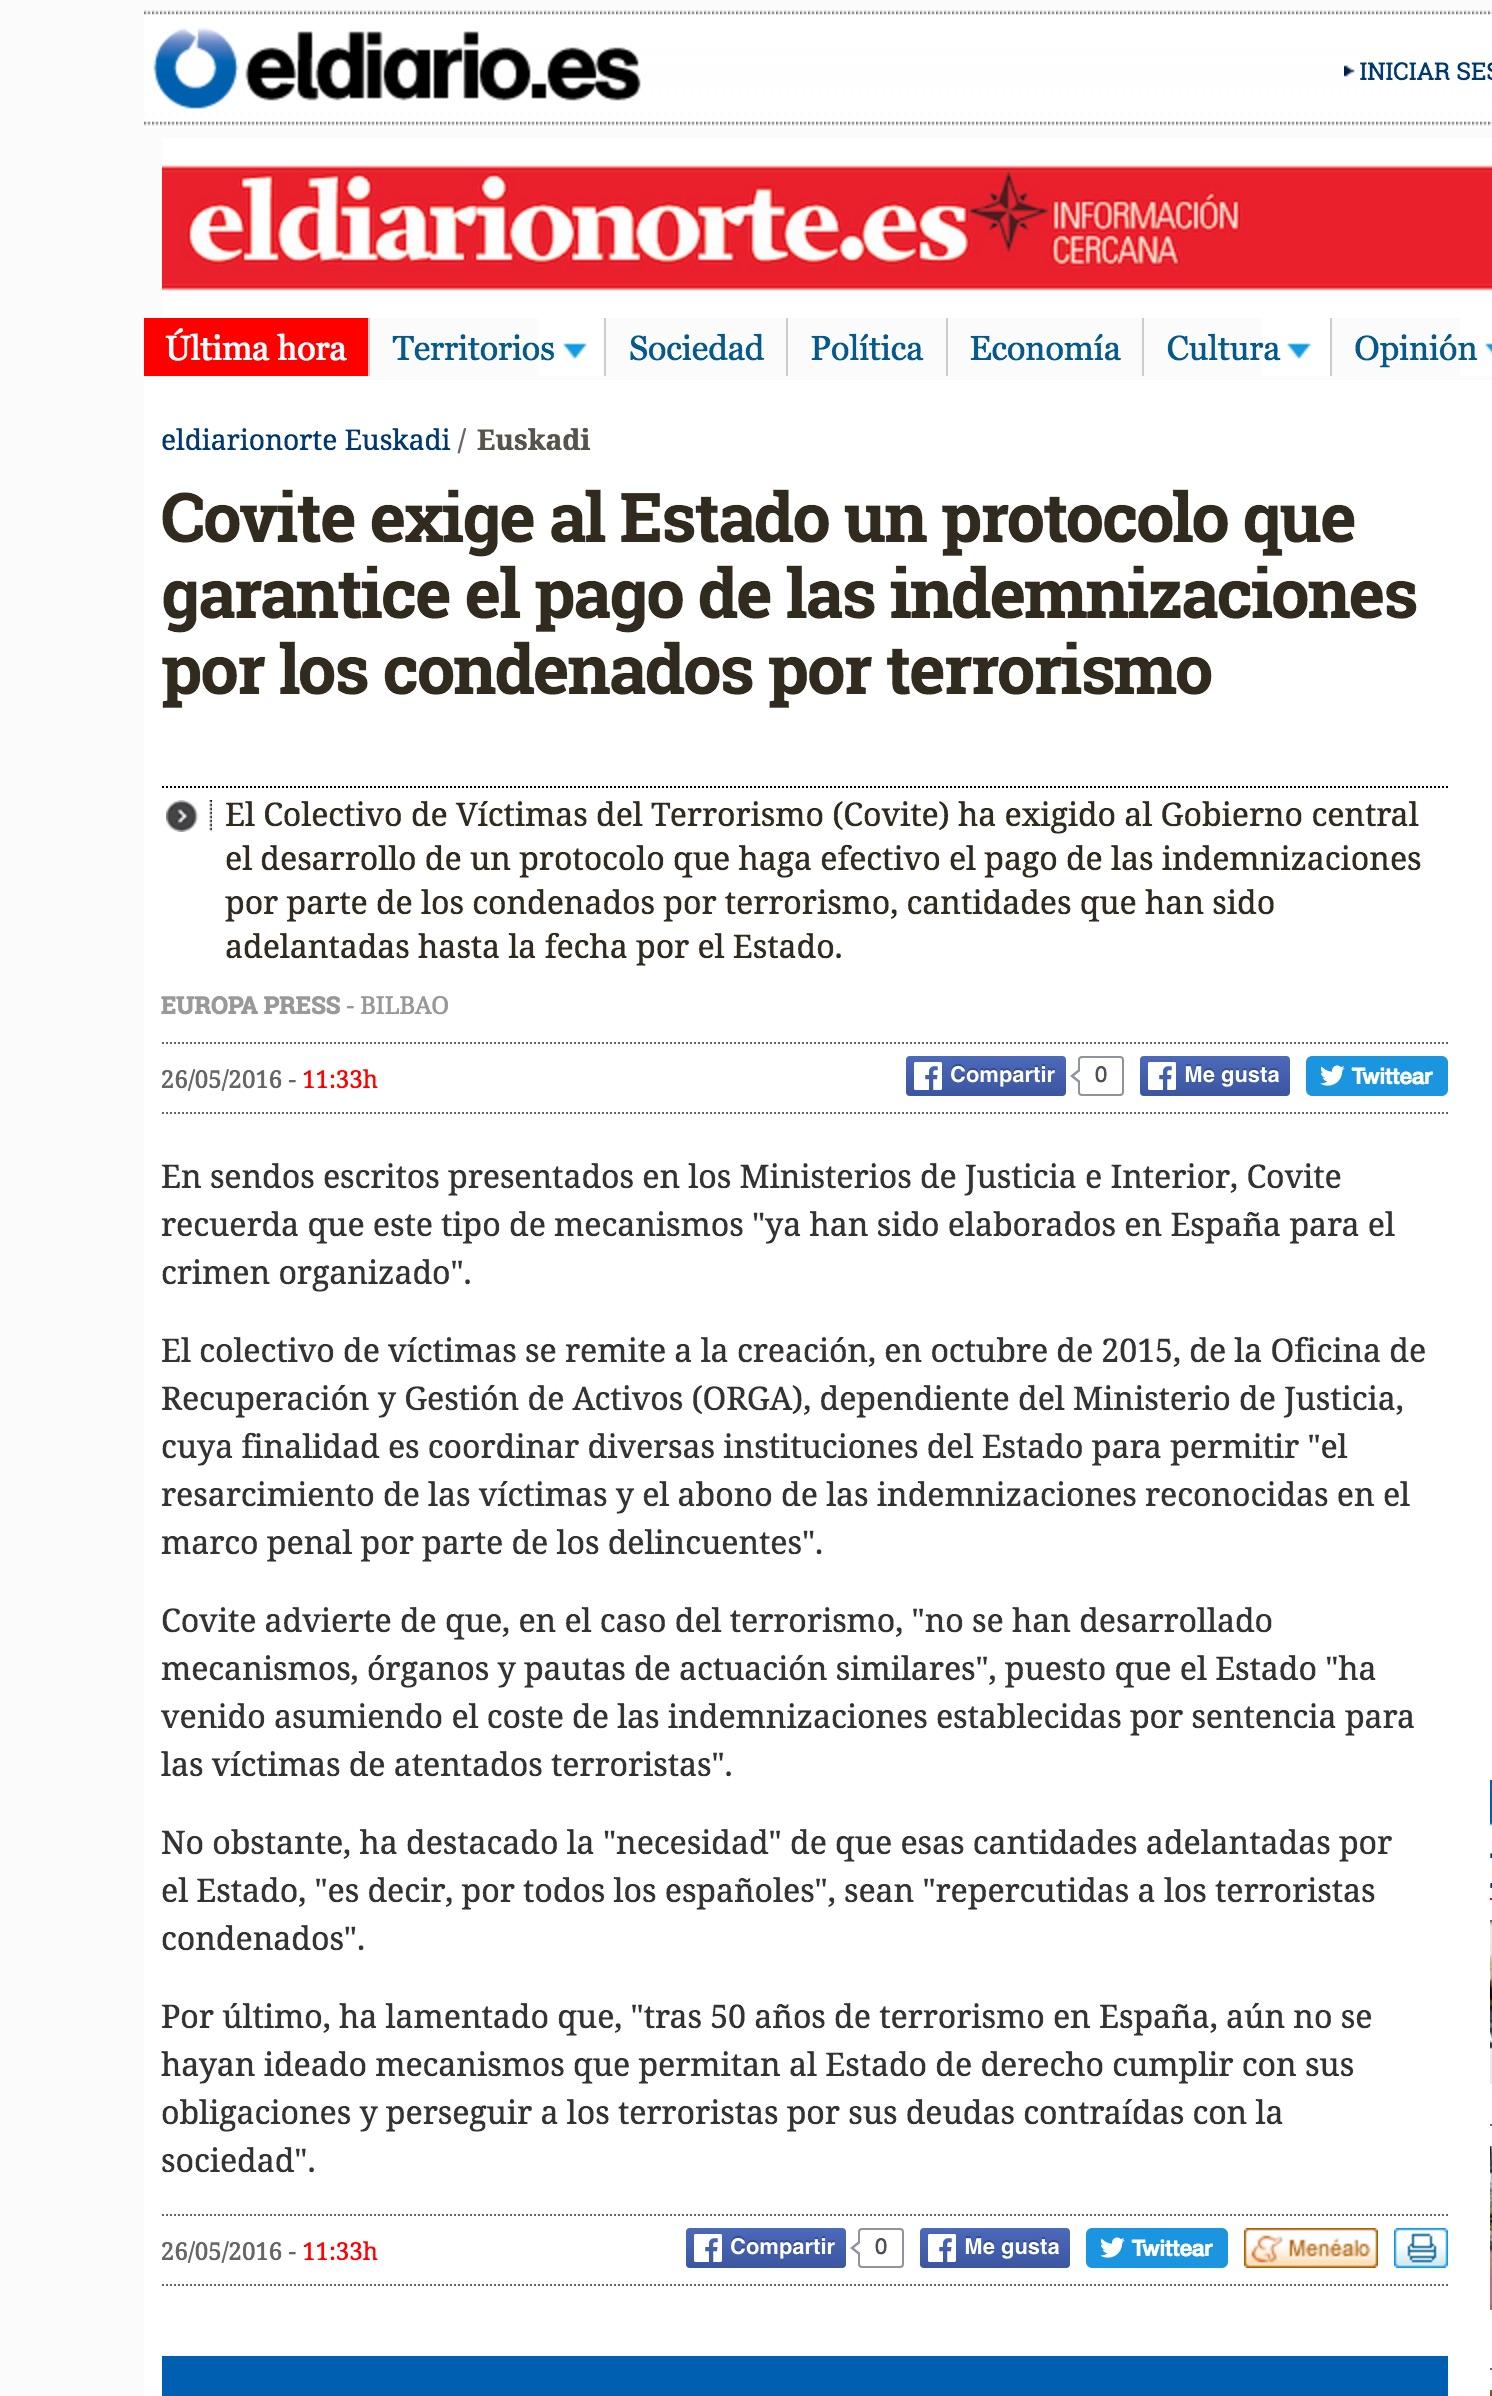 diarionorte